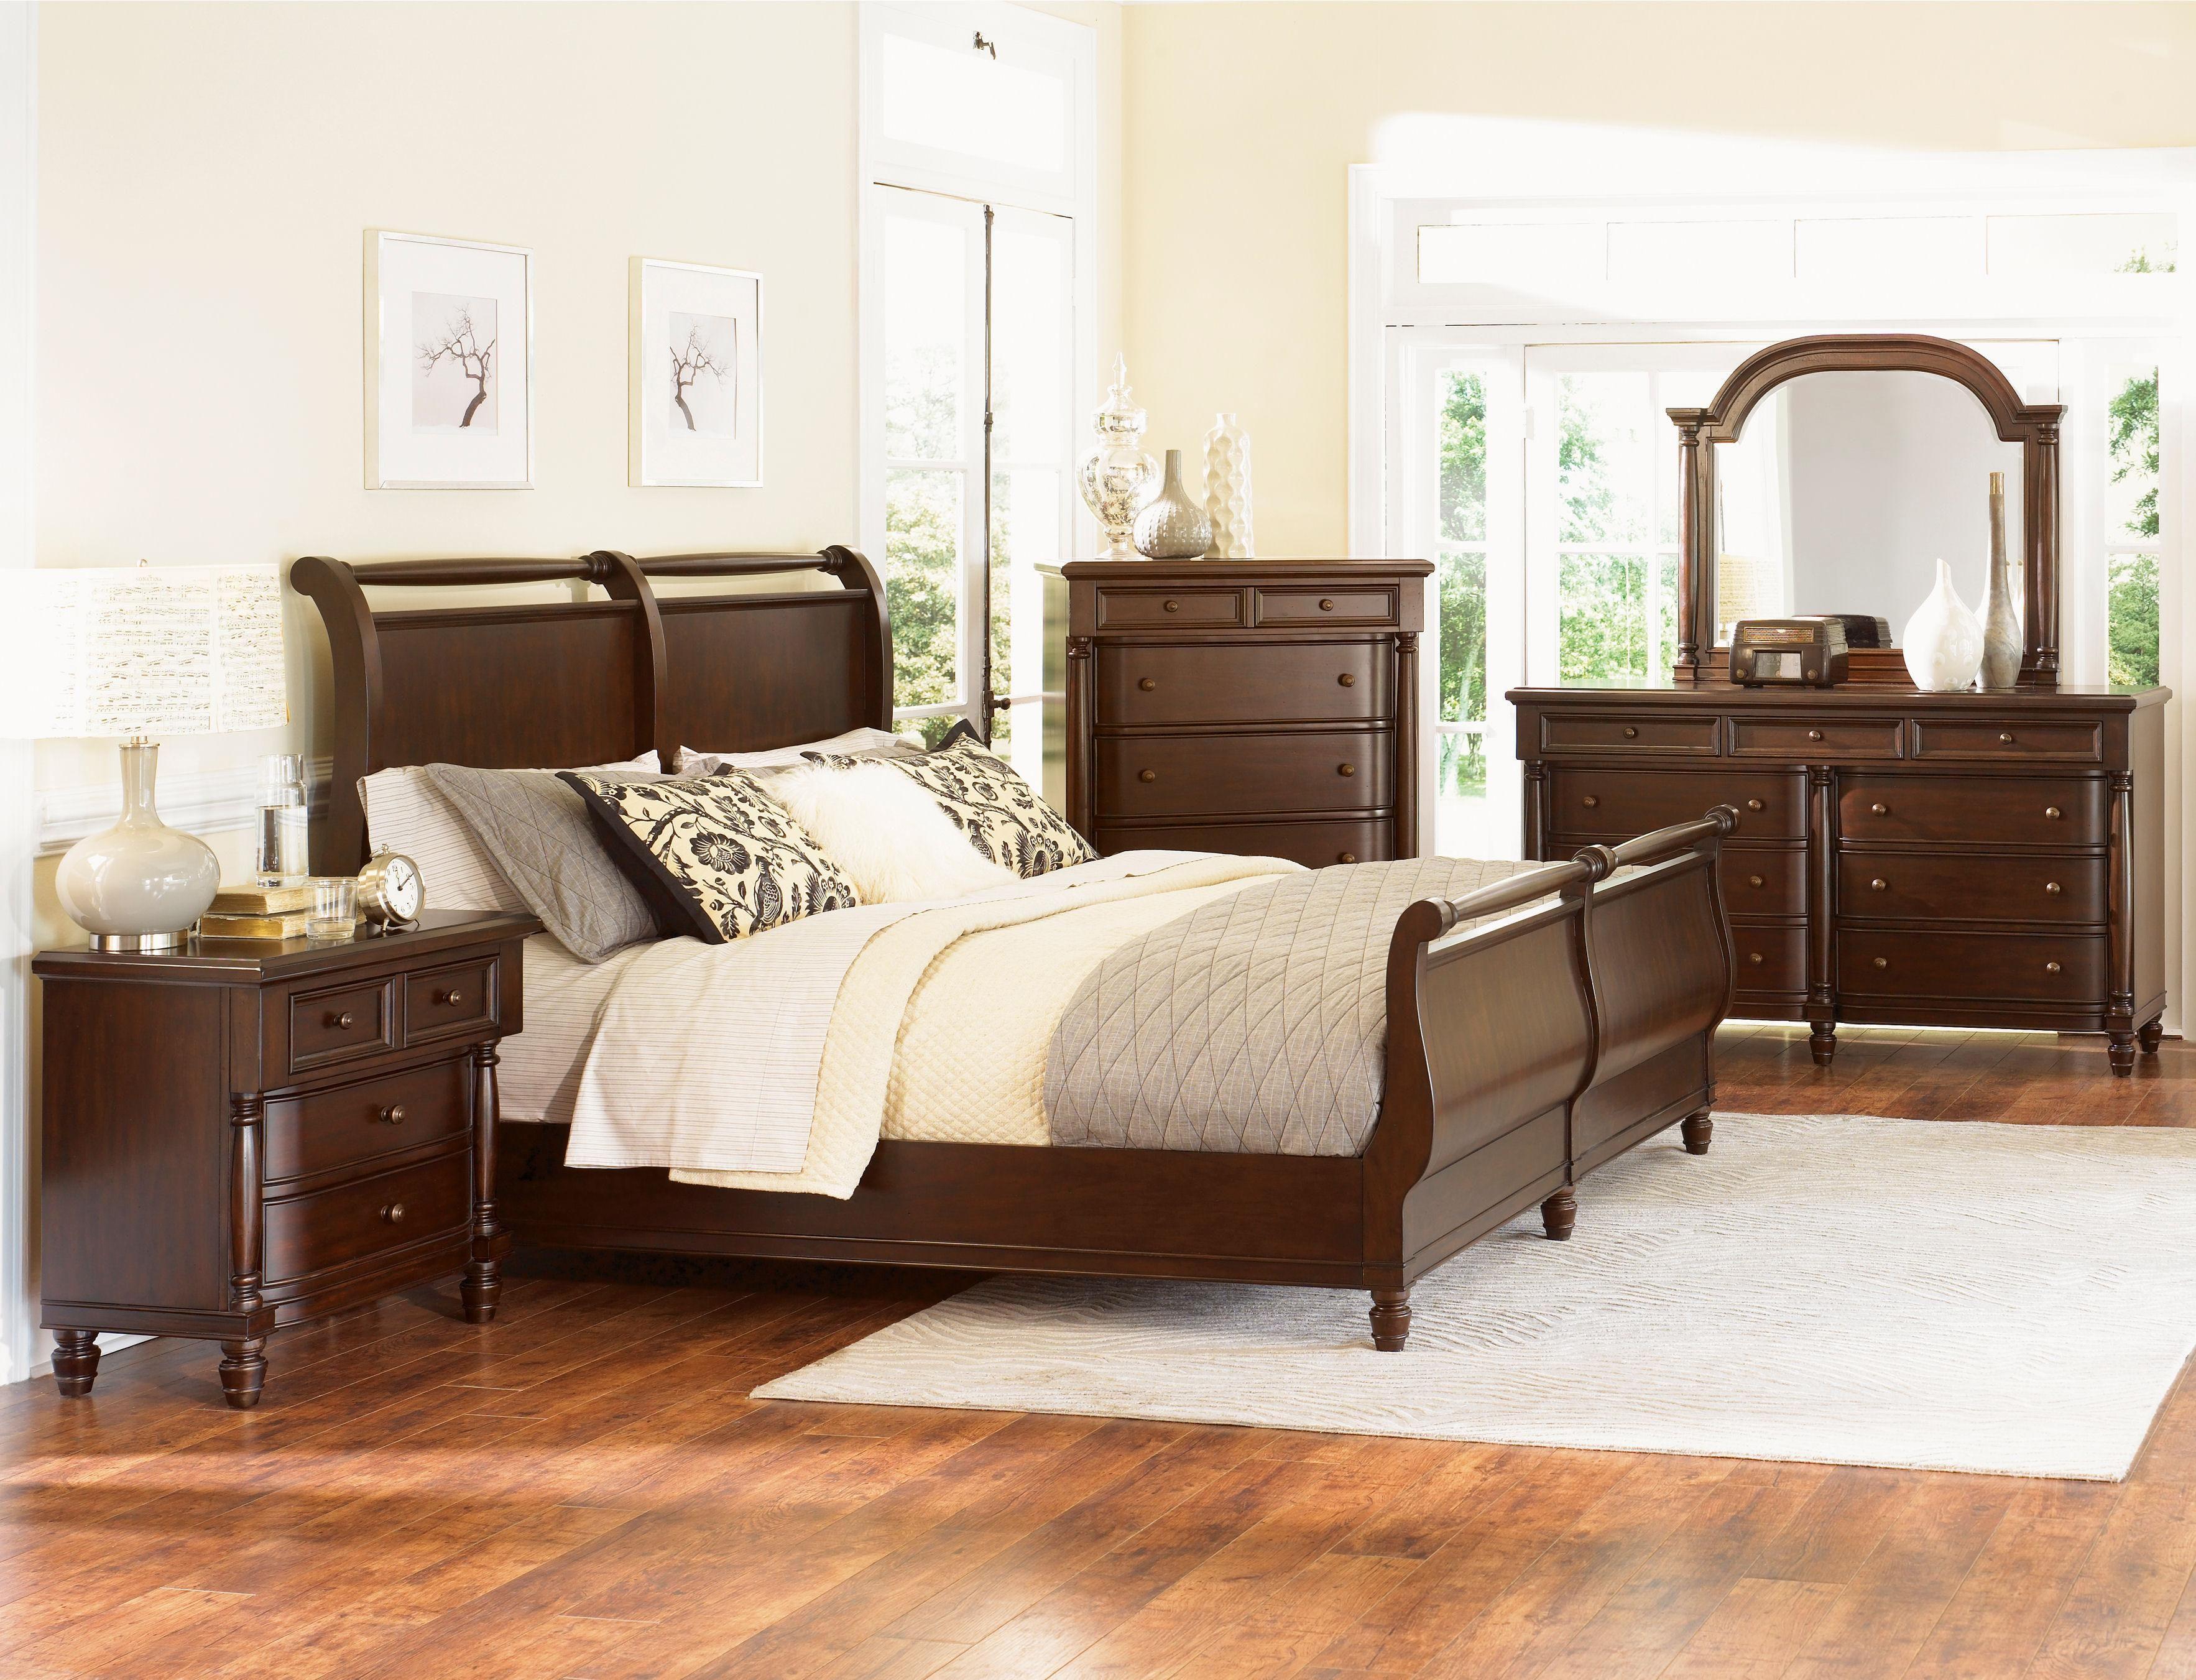 Best Belcourt Bedroom Set Sleigh Bedroom Set Bedroom 400 x 300